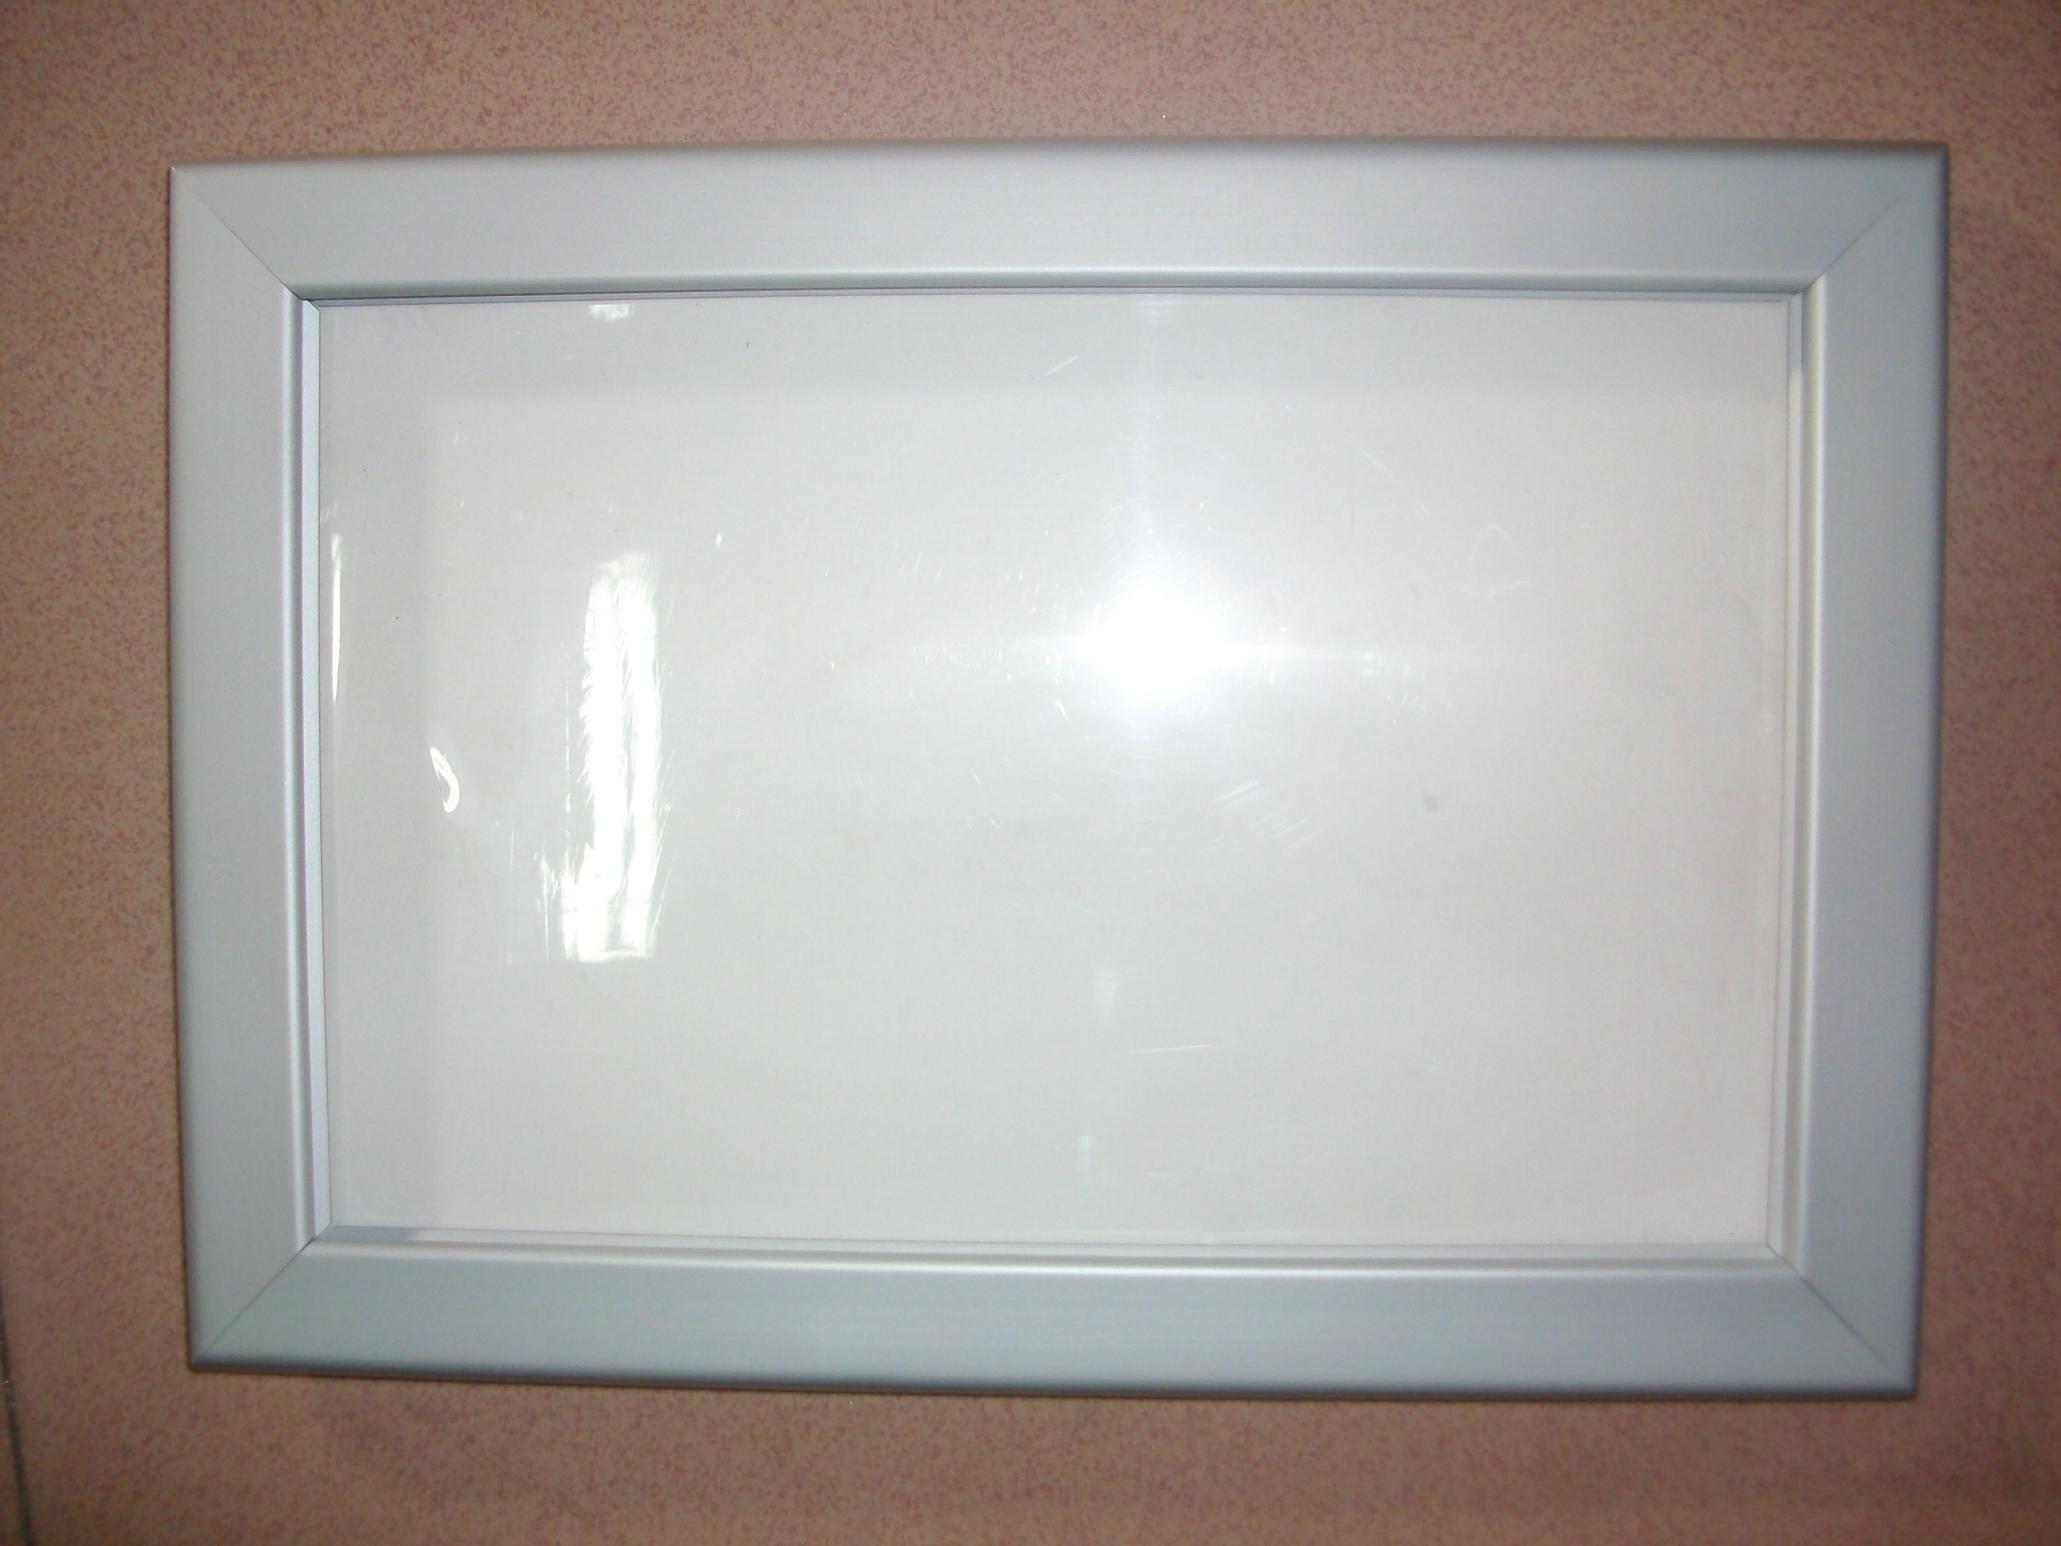 铝合金图片 铝合金型材规格型状图,铝合金门窗所有型材图